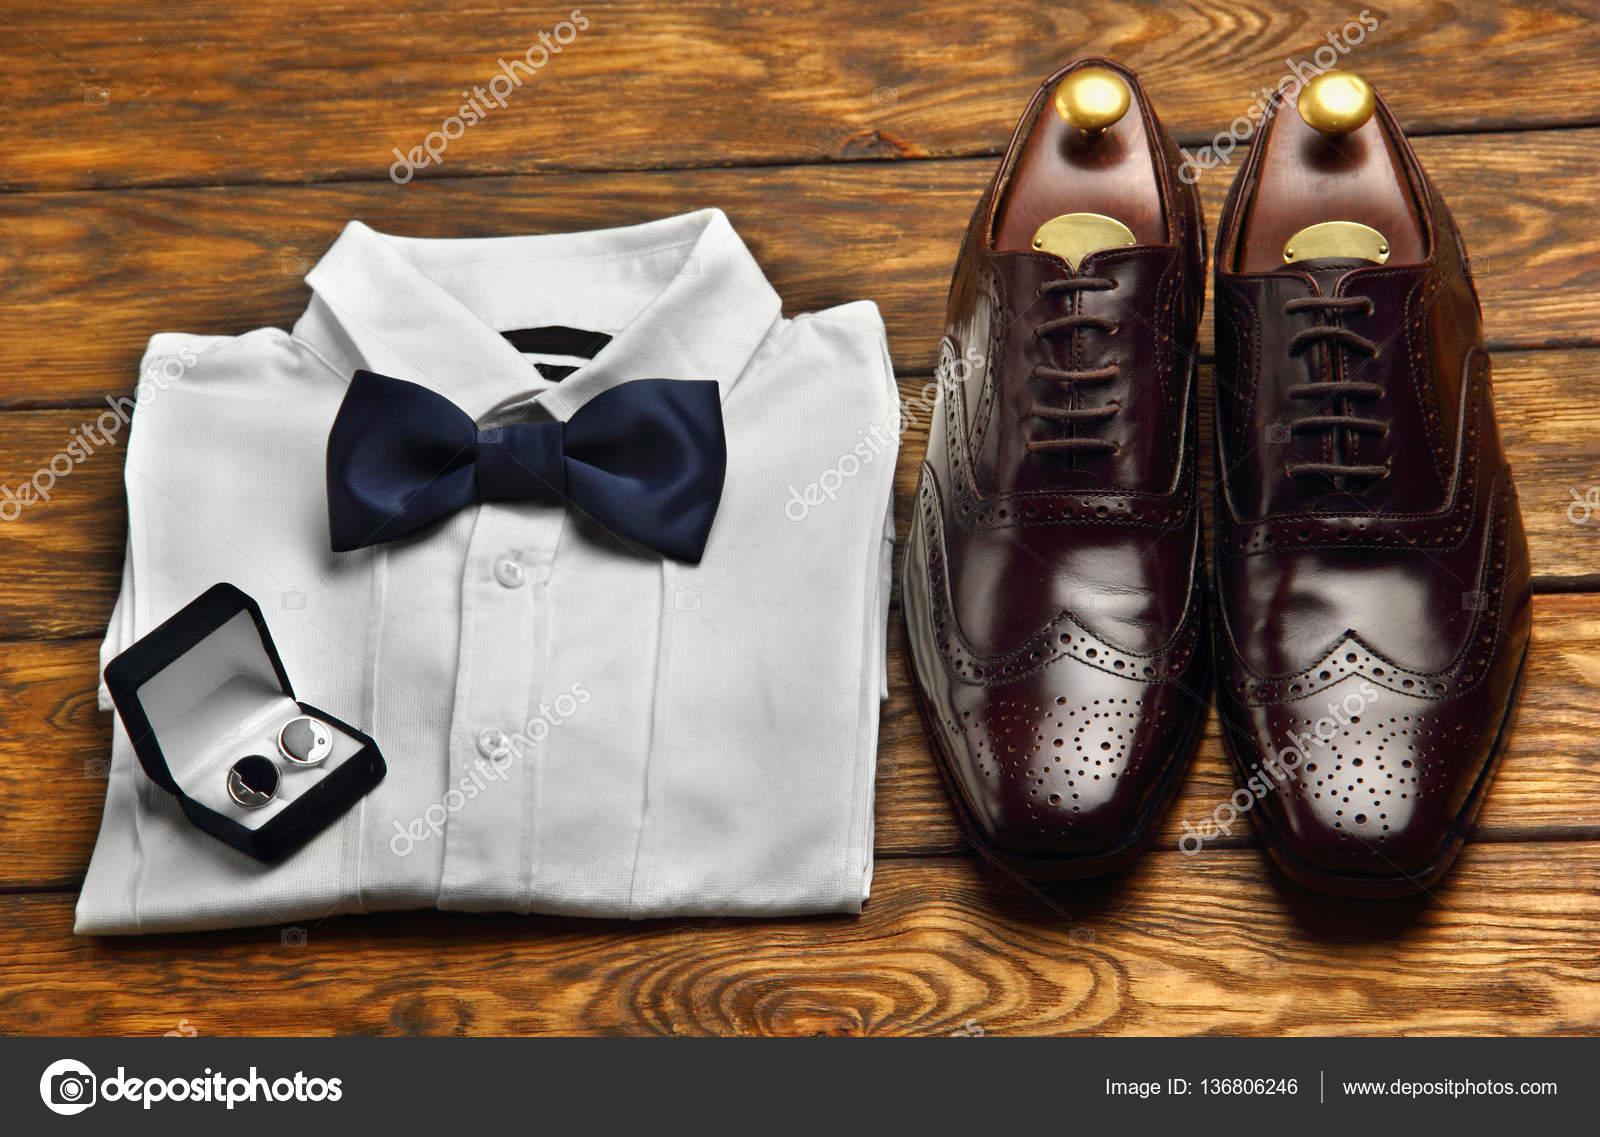 Heren Overhemd Met Manchetknopen.Donker Bruin Brogues Wit Overhemd En Mannen Accessroies